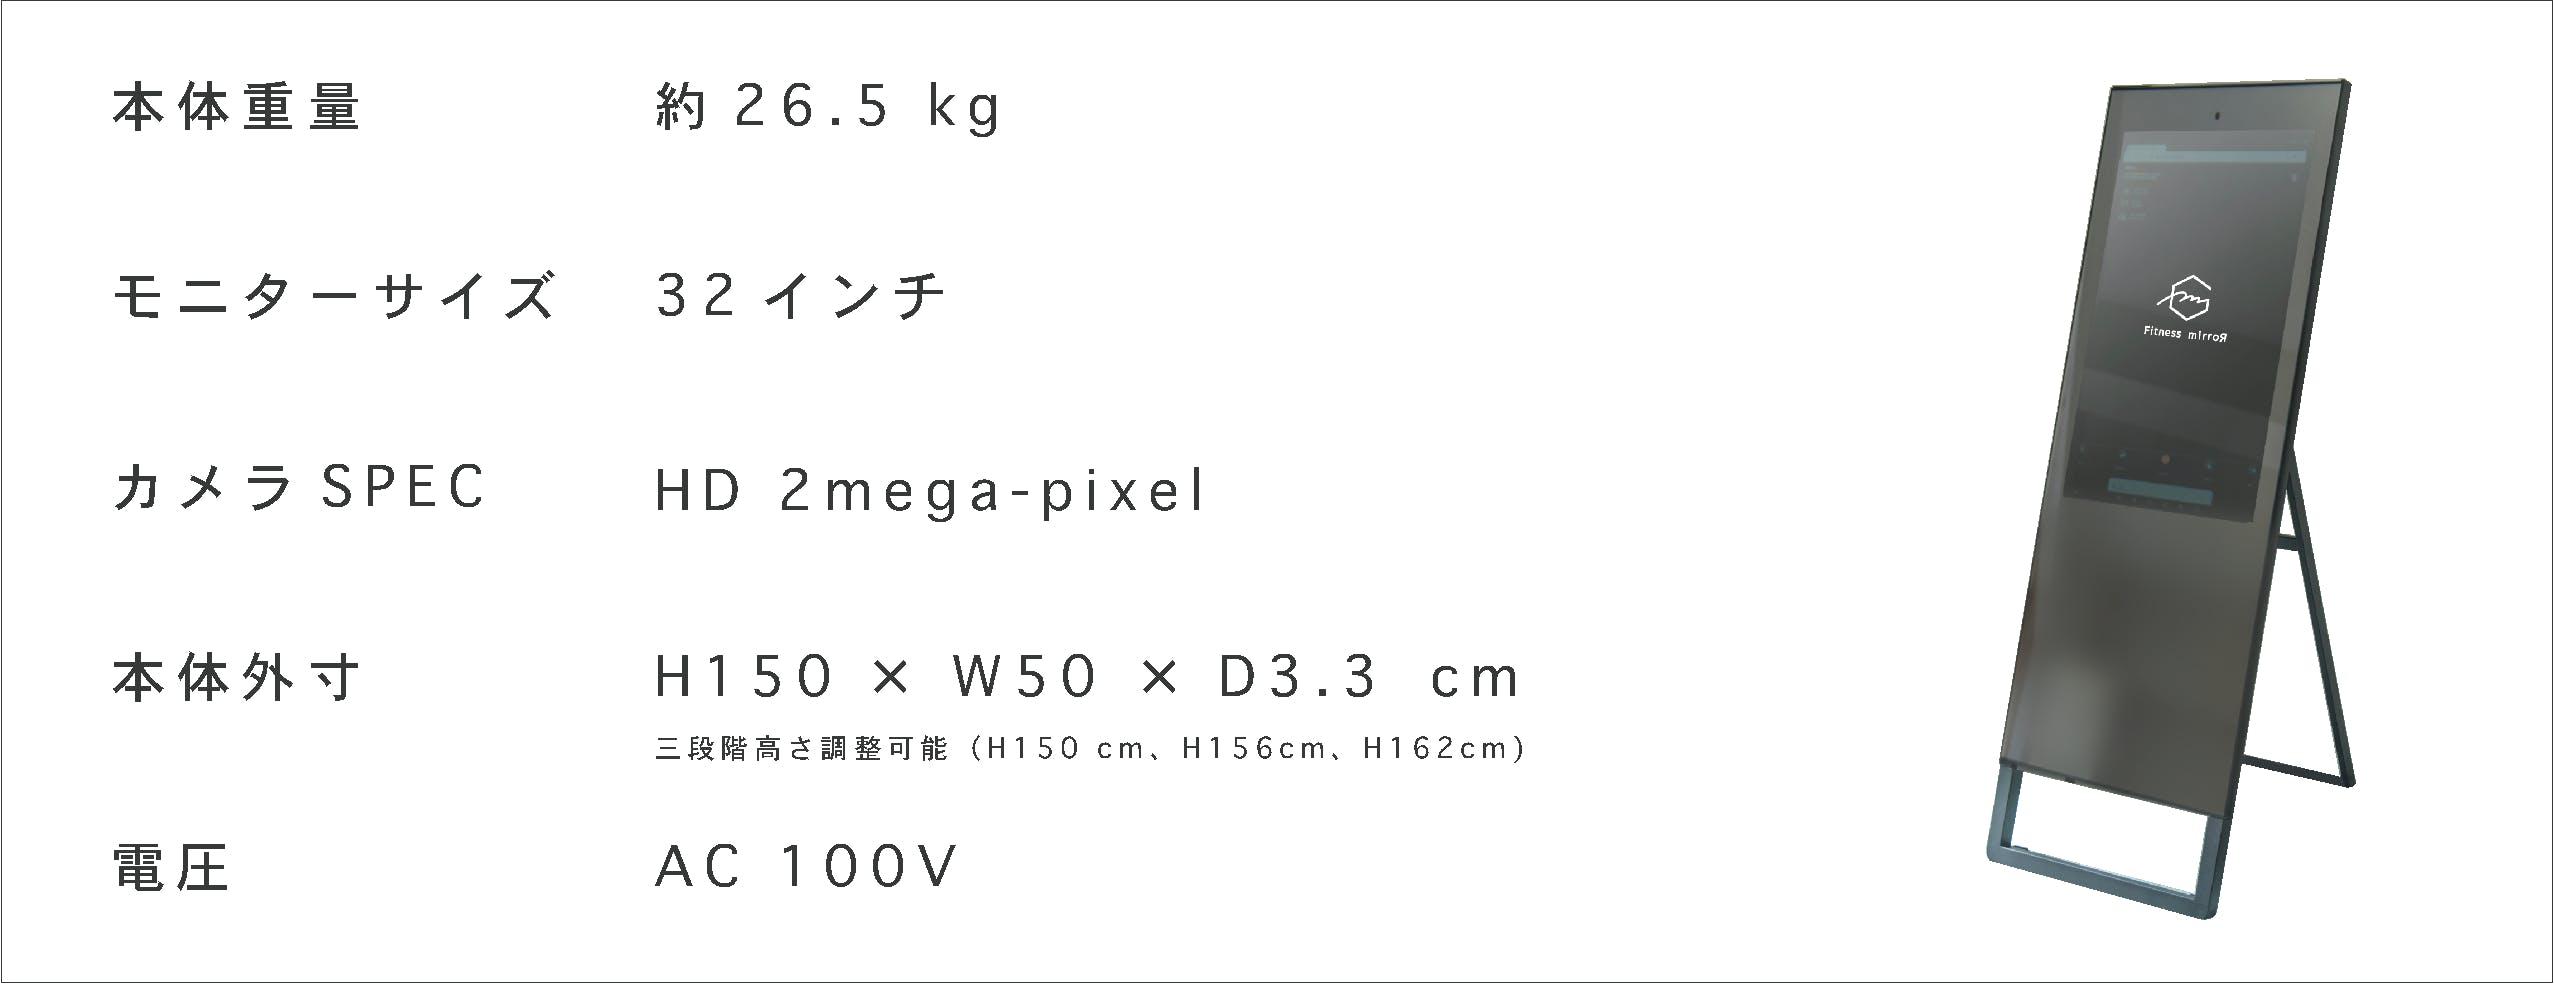 ミラー型自宅トレーニング用デバイス【Fitness Mirror(フィットネス ミラー)】